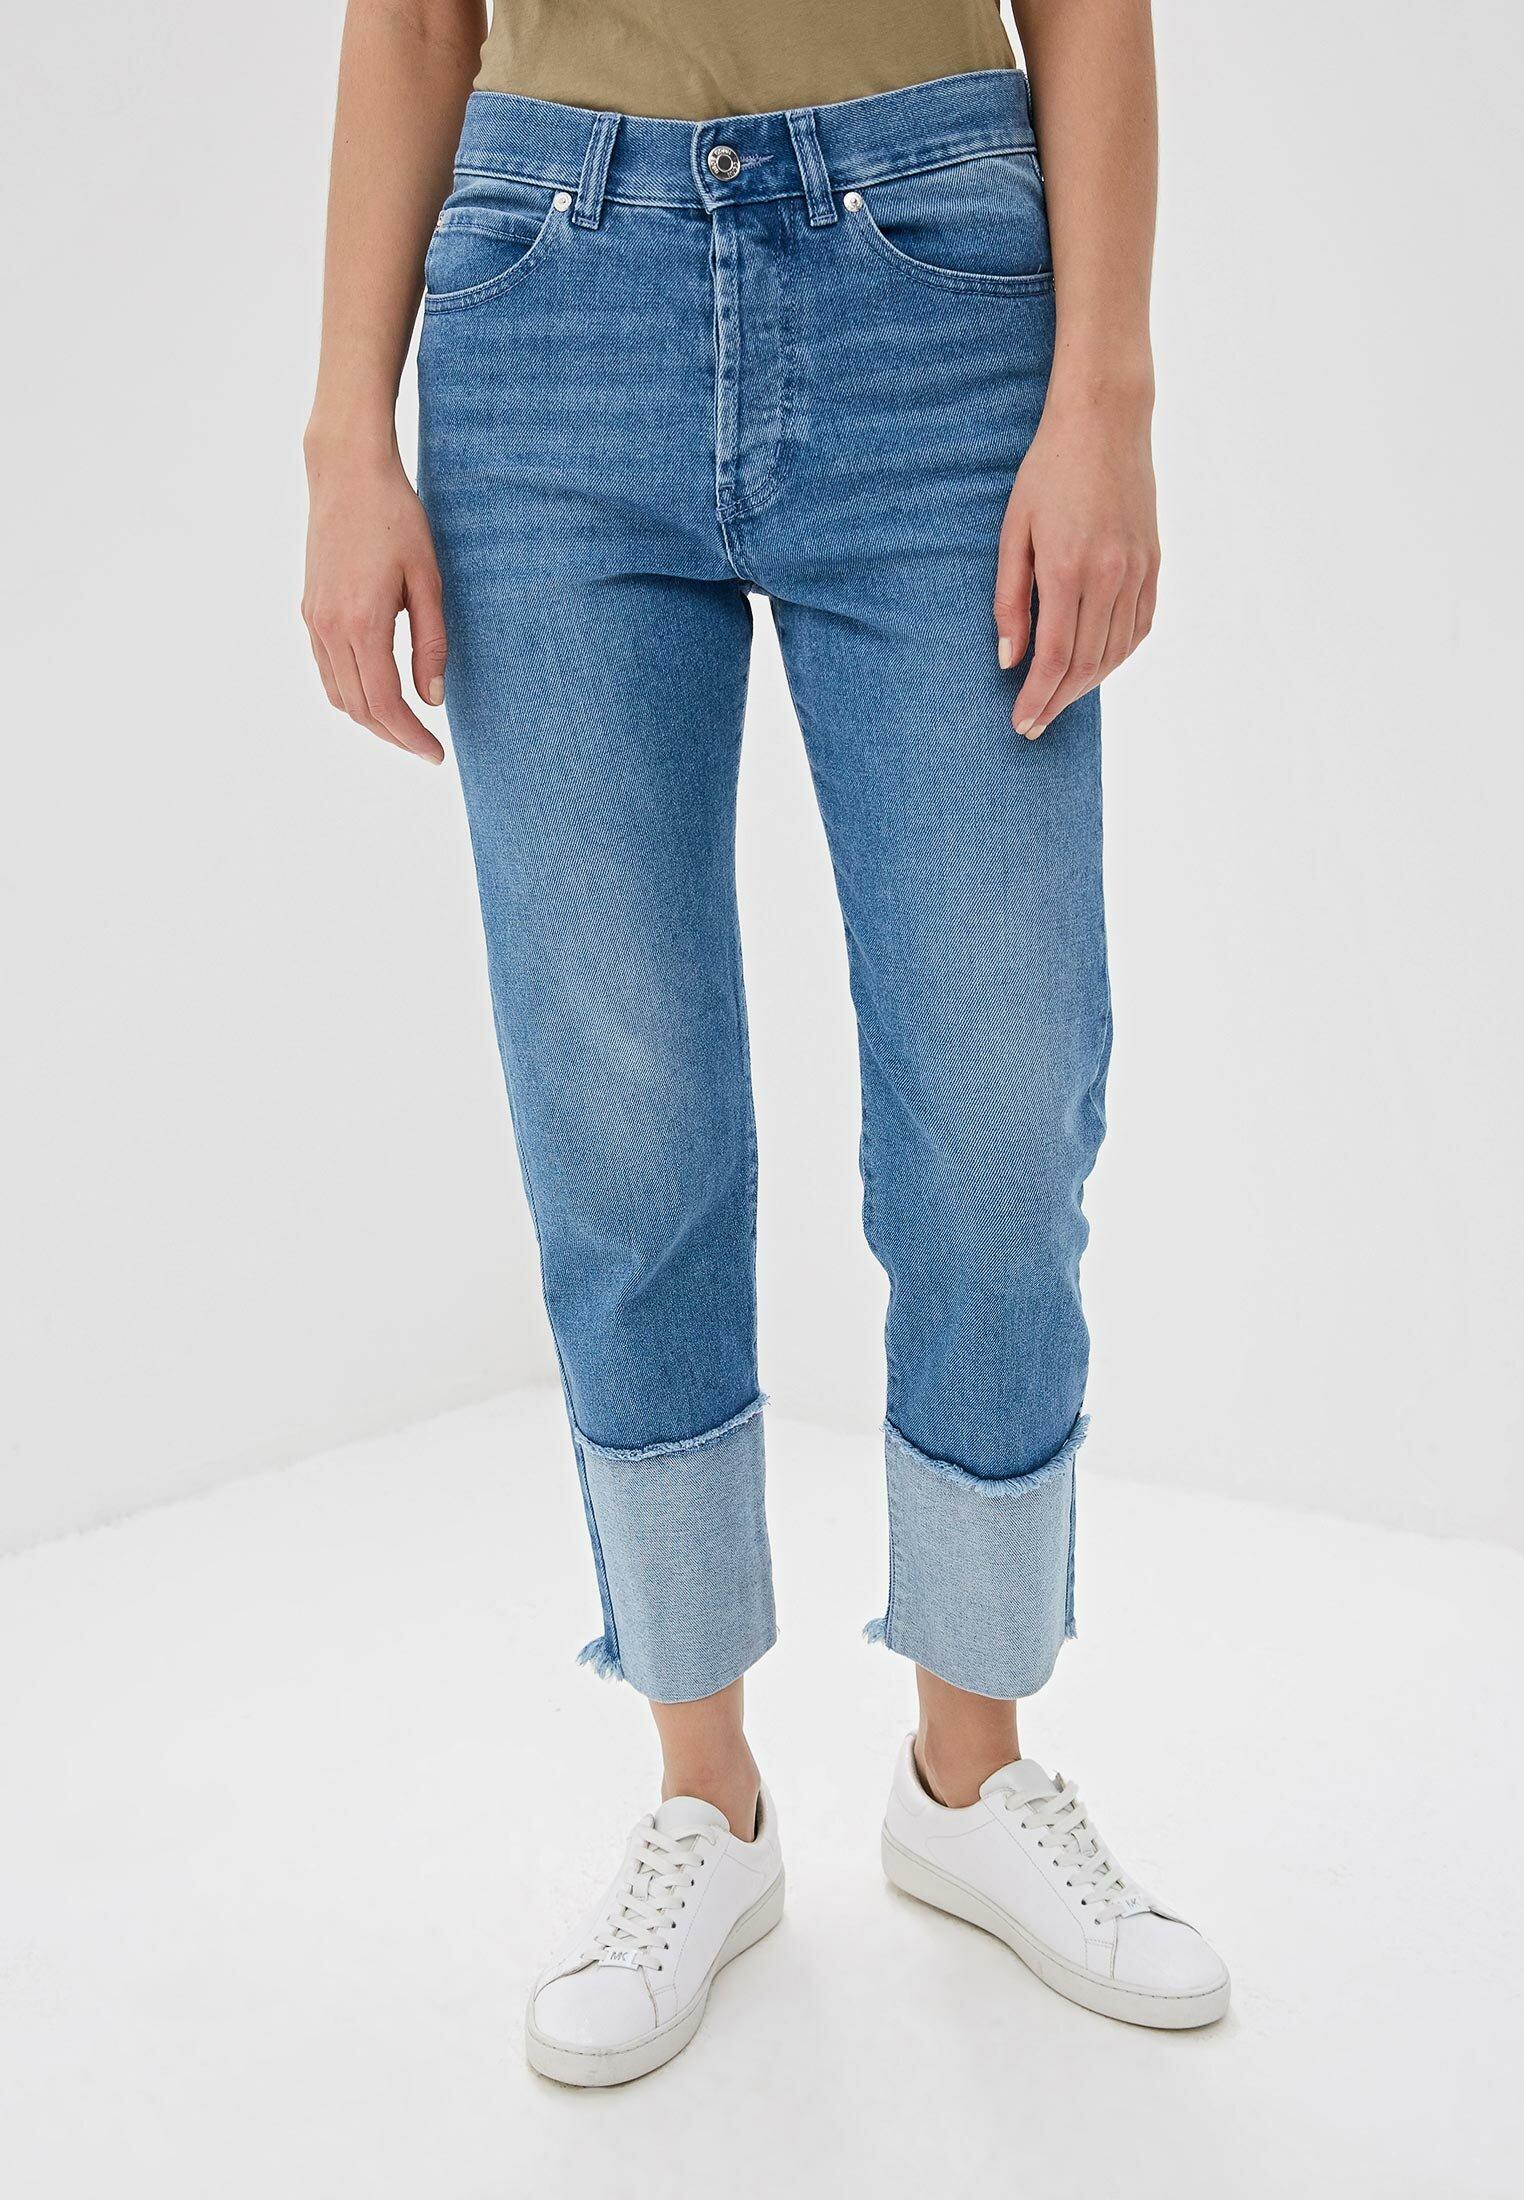 678959ffae6 15 лучших брендов джинсов - рейтинг 2018